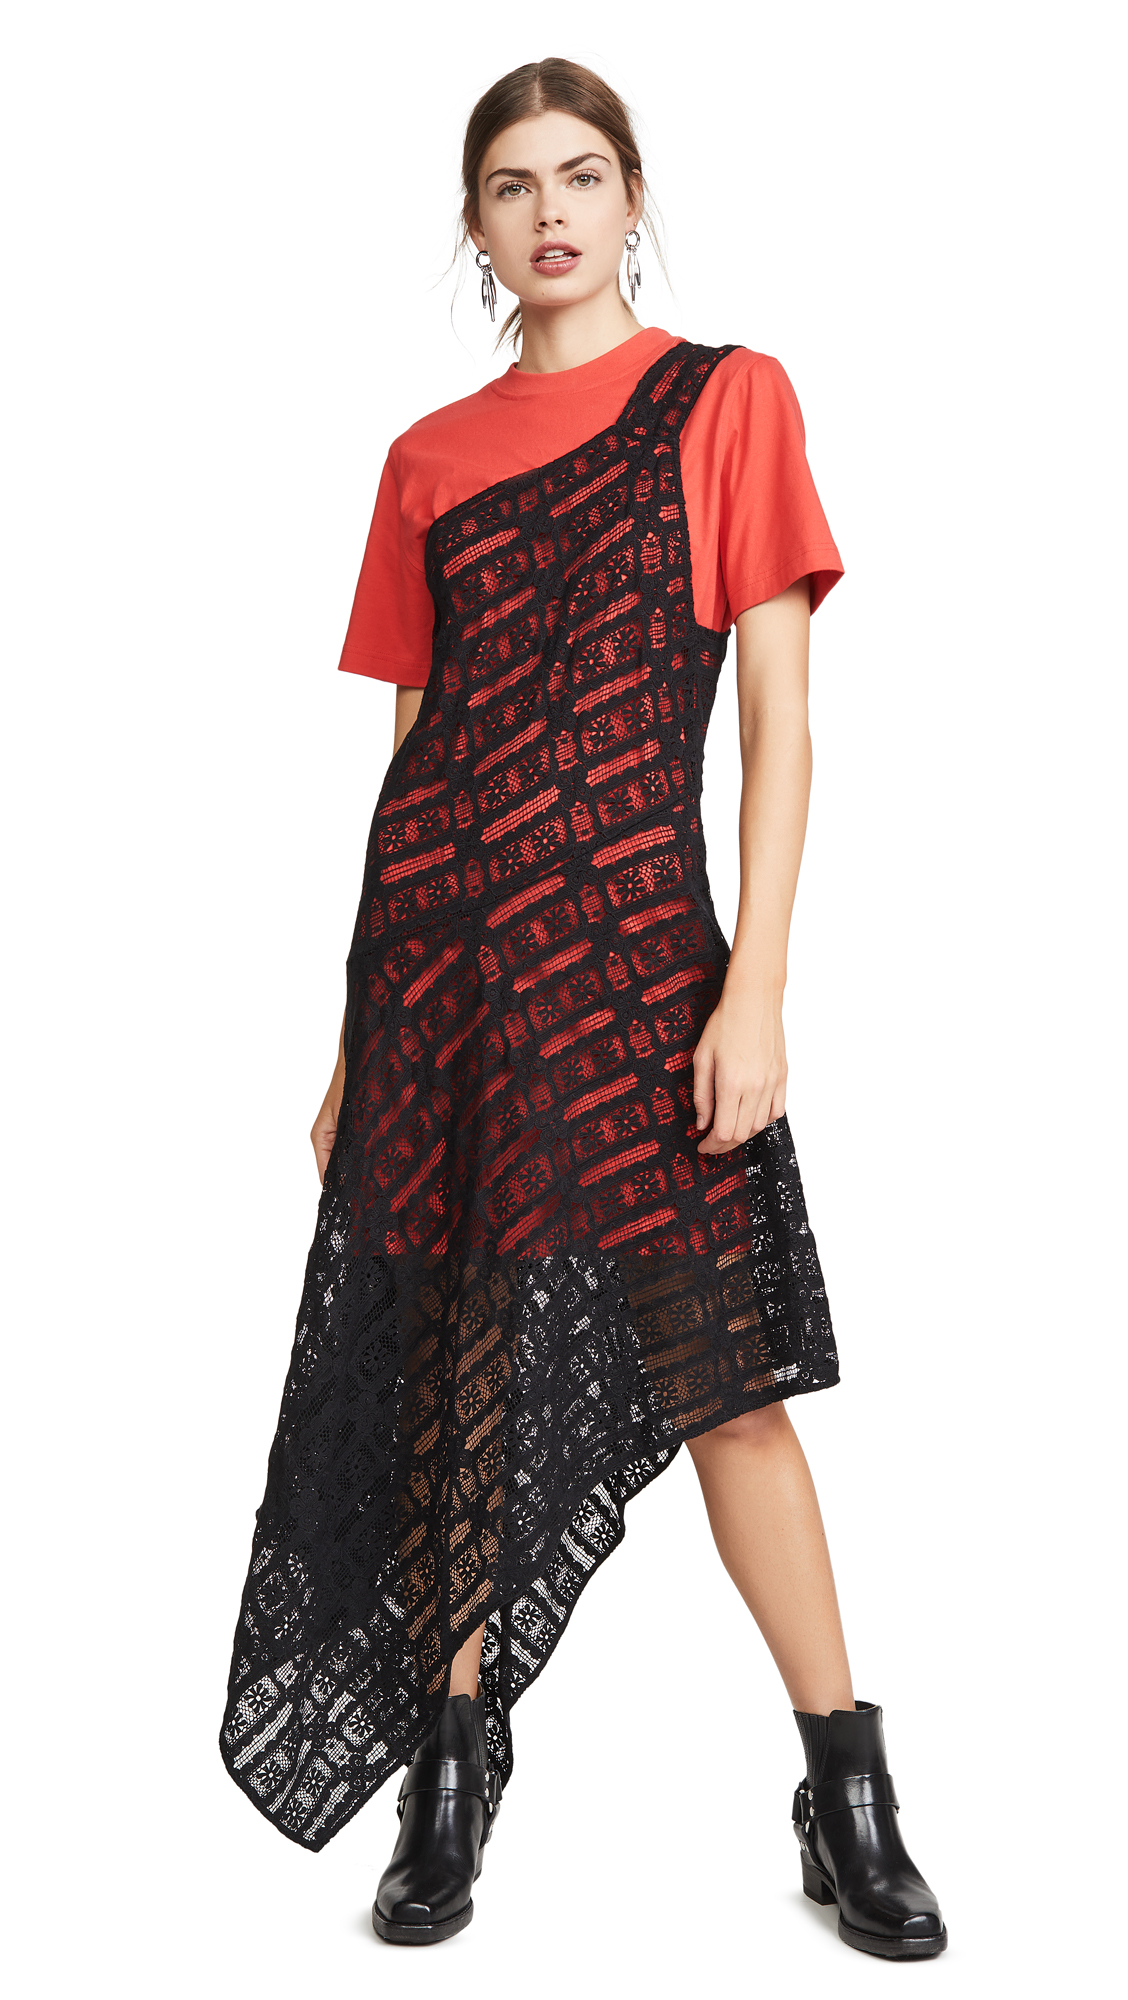 Buy McQ - Alexander McQueen Giri Cut Dress online beautiful McQ - Alexander McQueen Clothing, Dresses